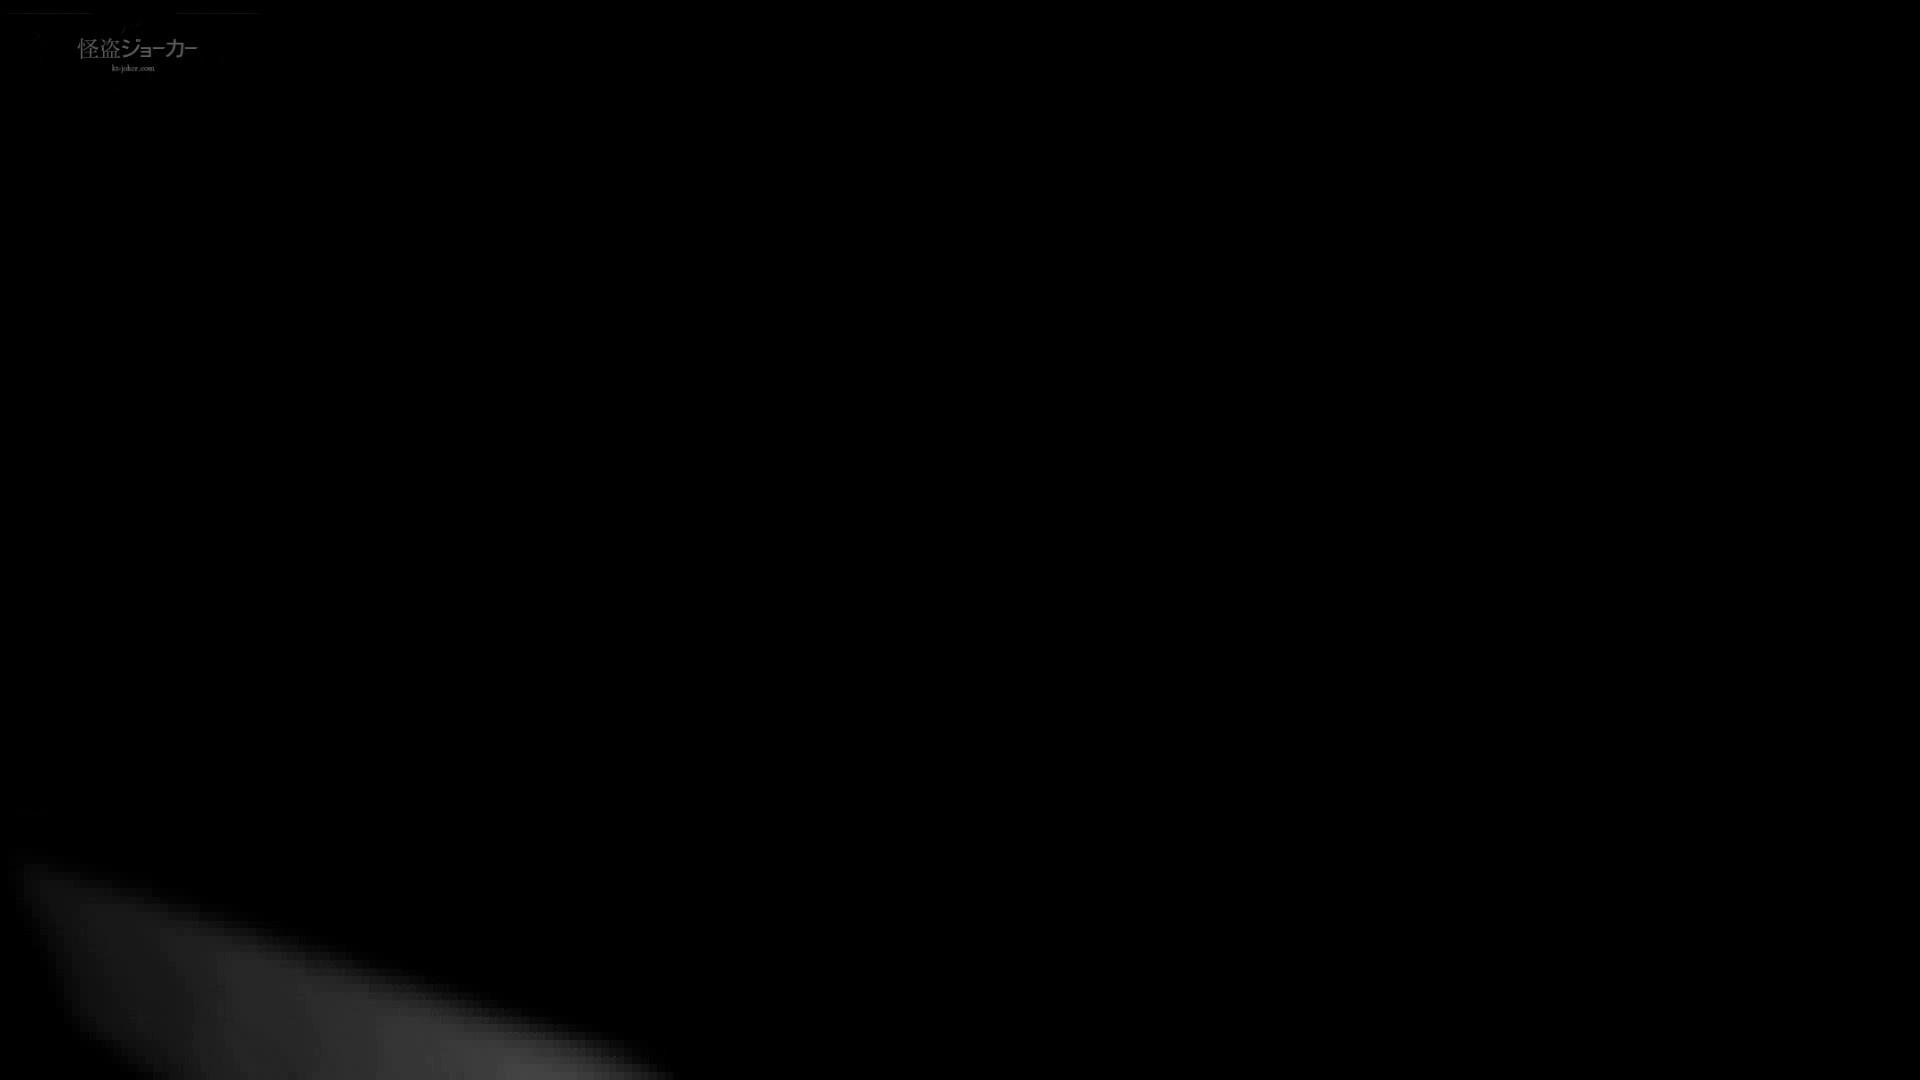 お銀さんの「洗面所突入レポート!!」 vol.54 エロすぎる捻り? 美人編 セックス画像 84画像 71